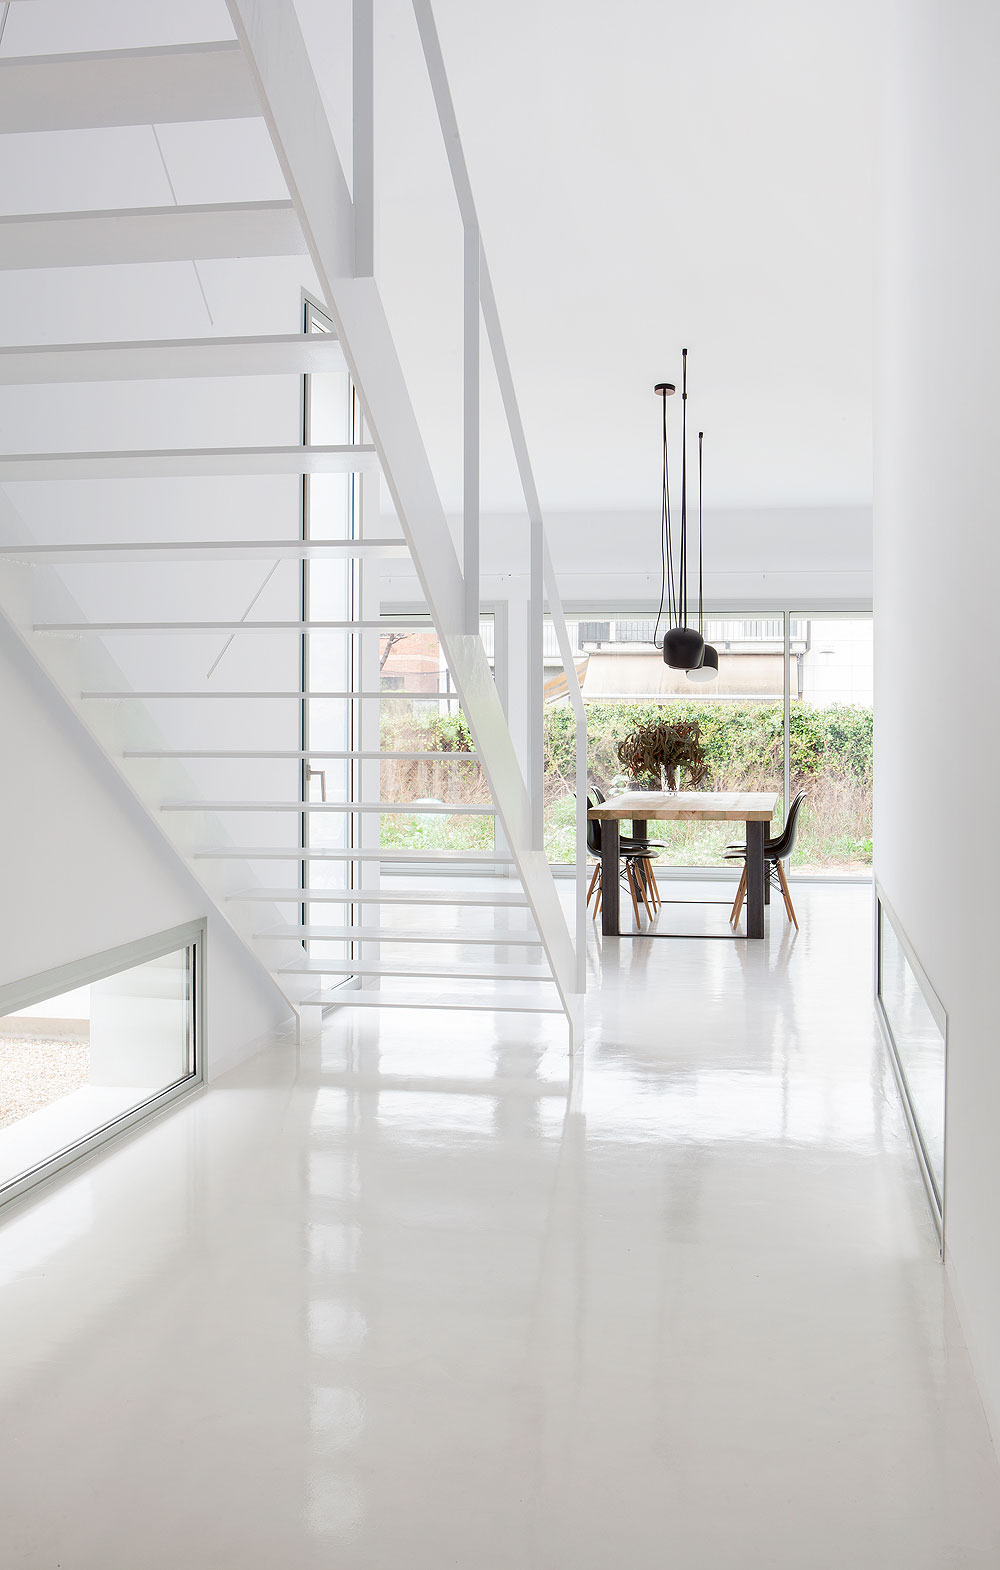 casa-unifamiliar-cabre-diaz-arquitectes (6)